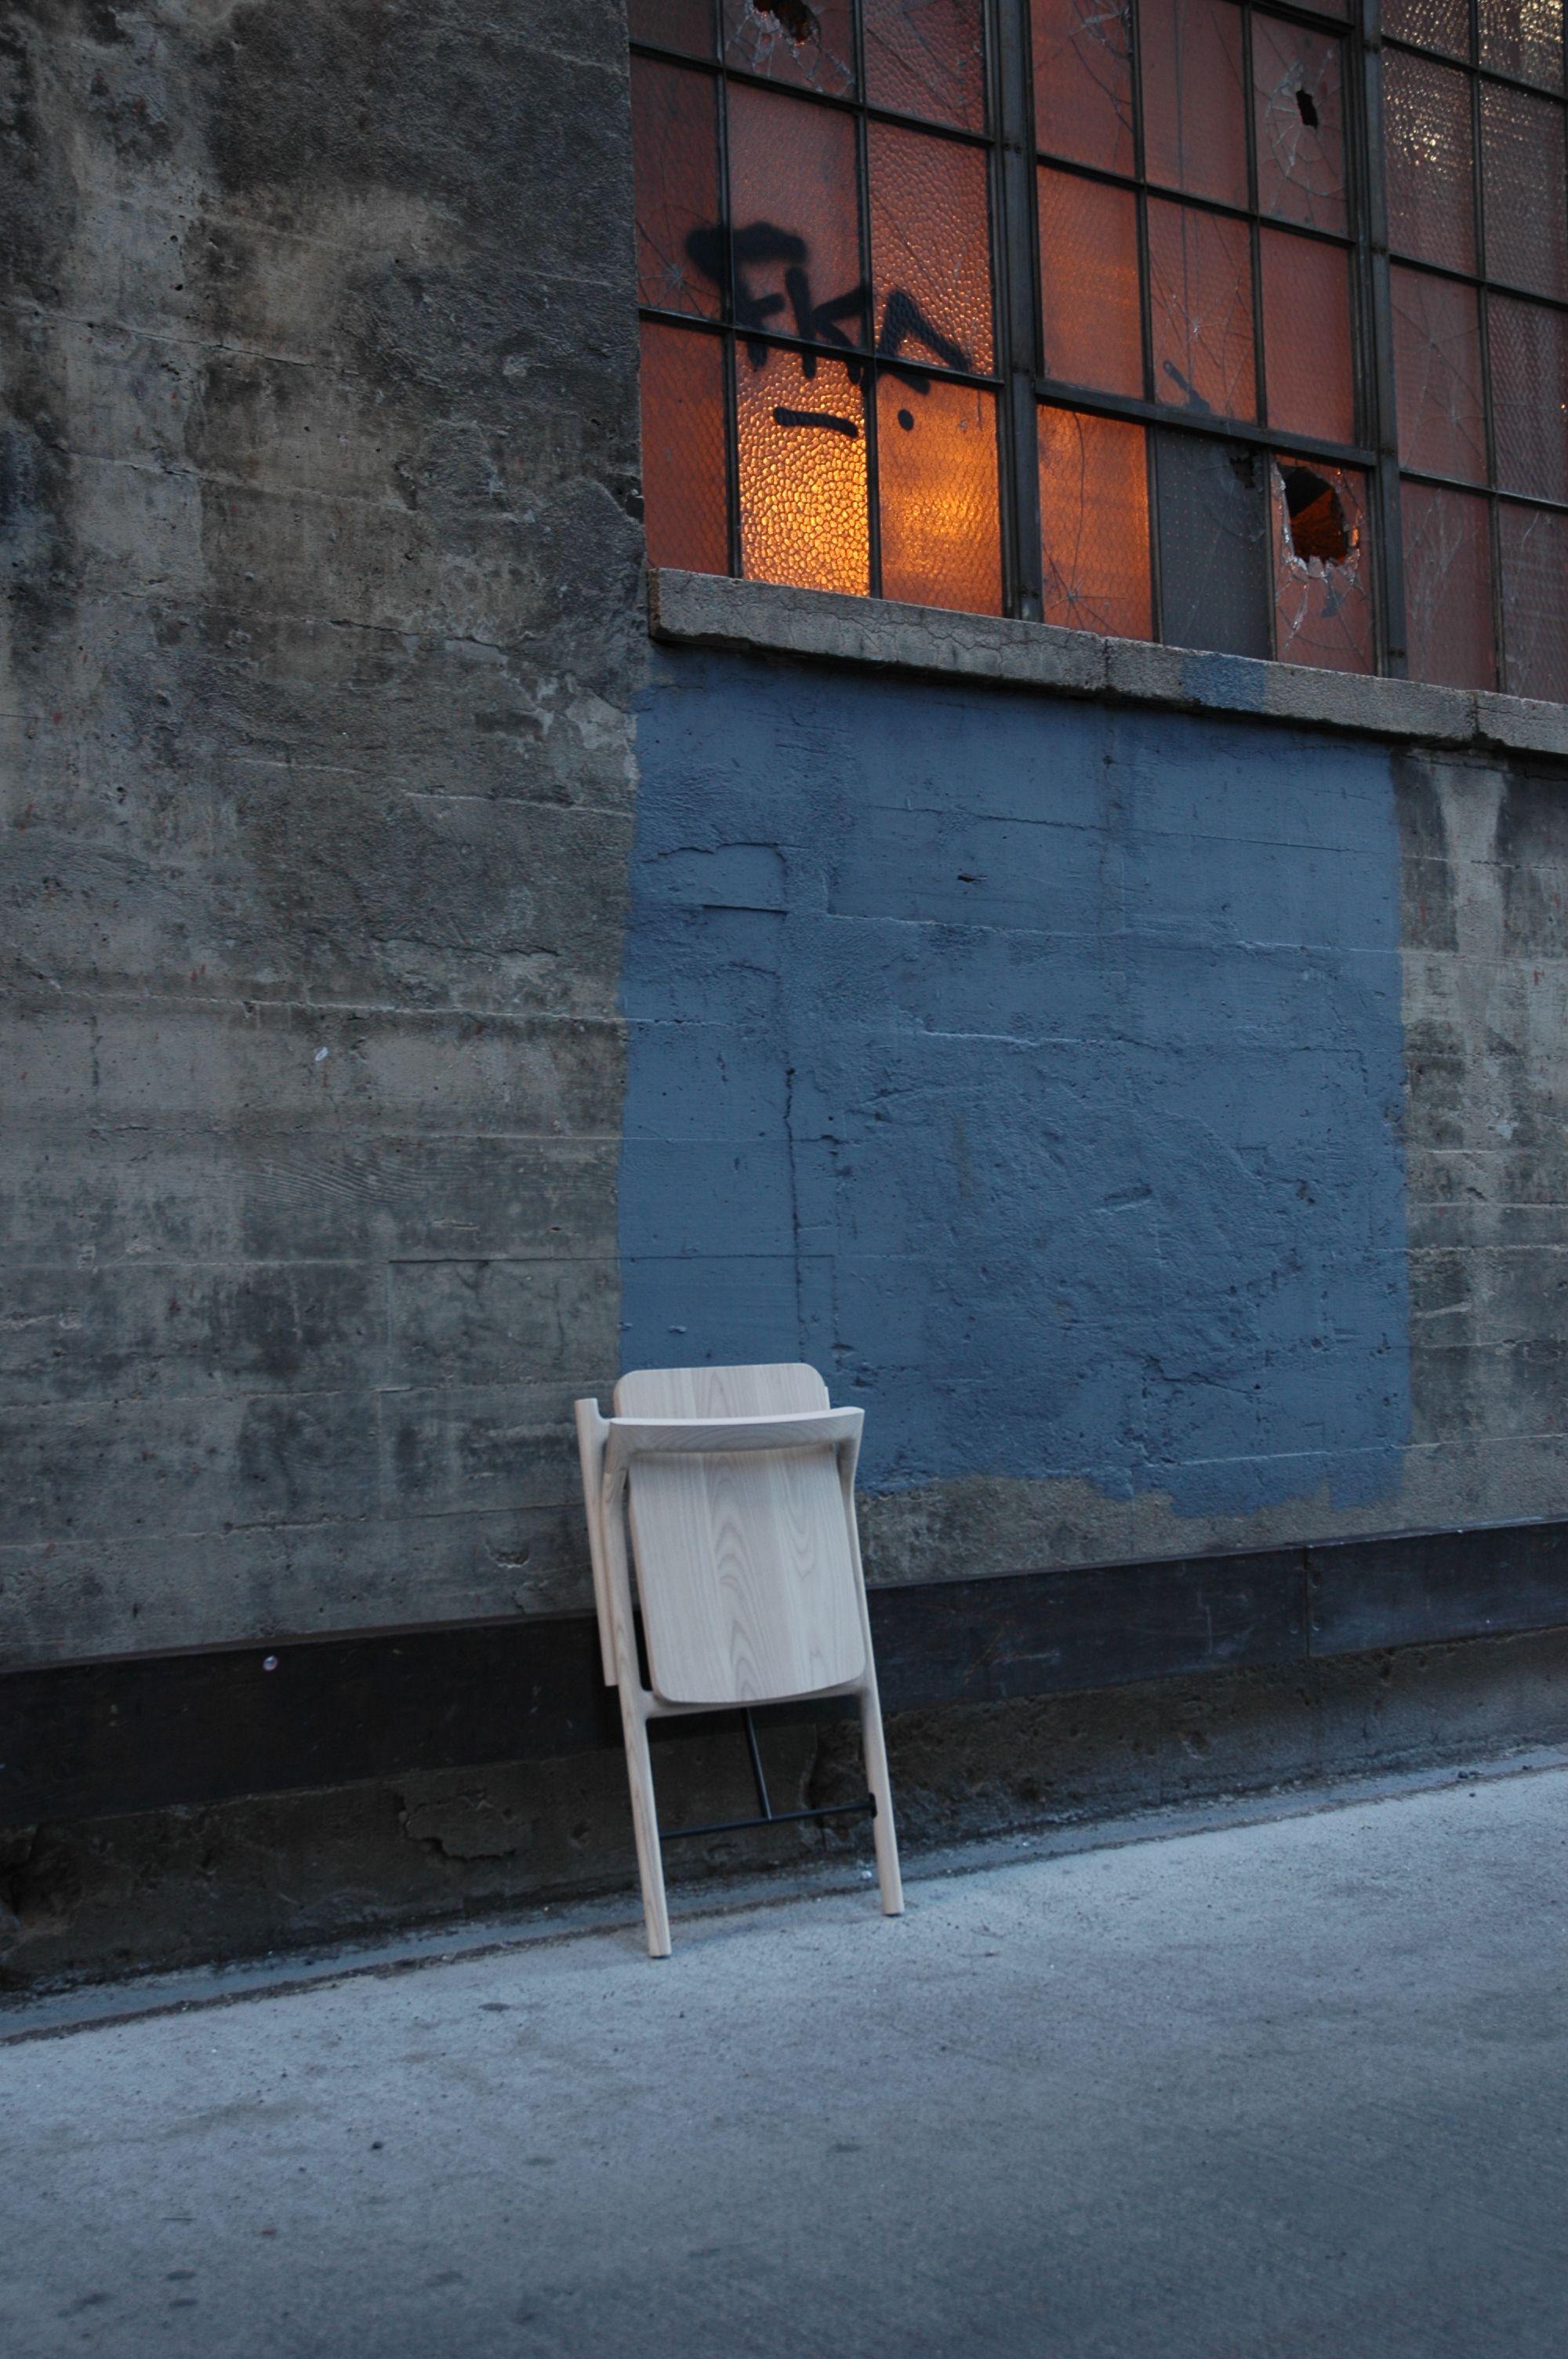 HUP HUP Folding Chair New York City. #australiandesign